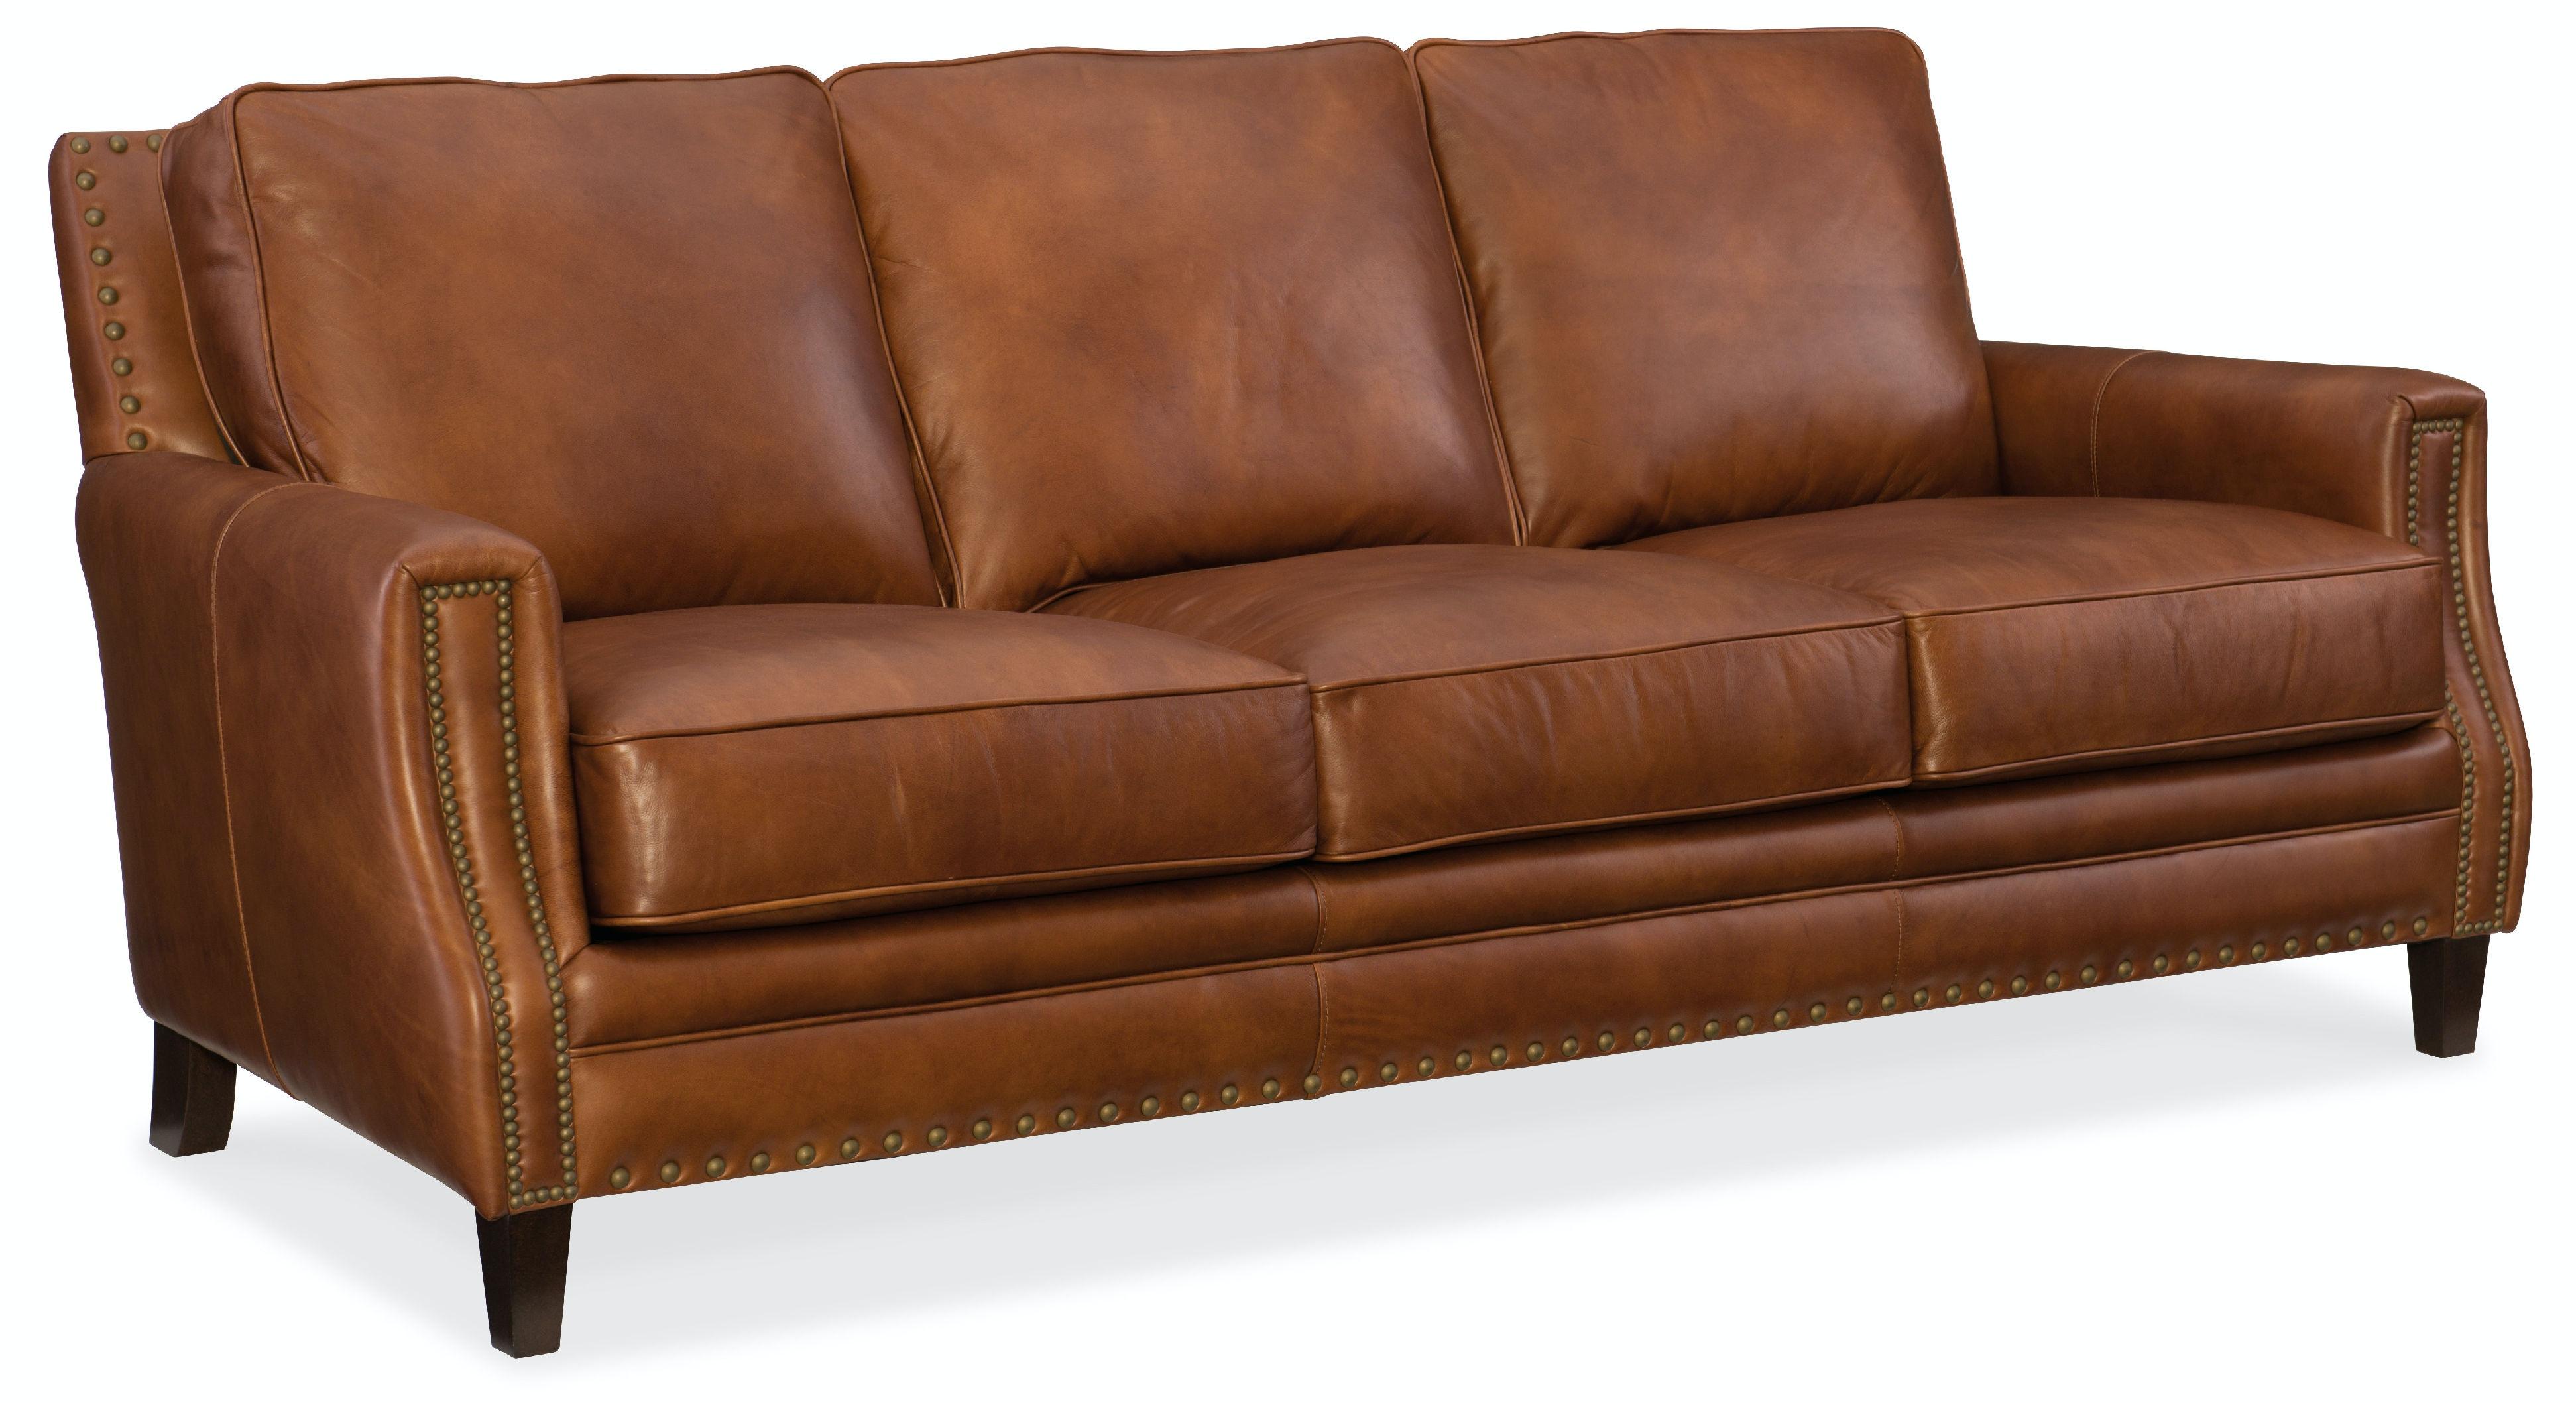 Exton Stationary Sofa SS387-03-087